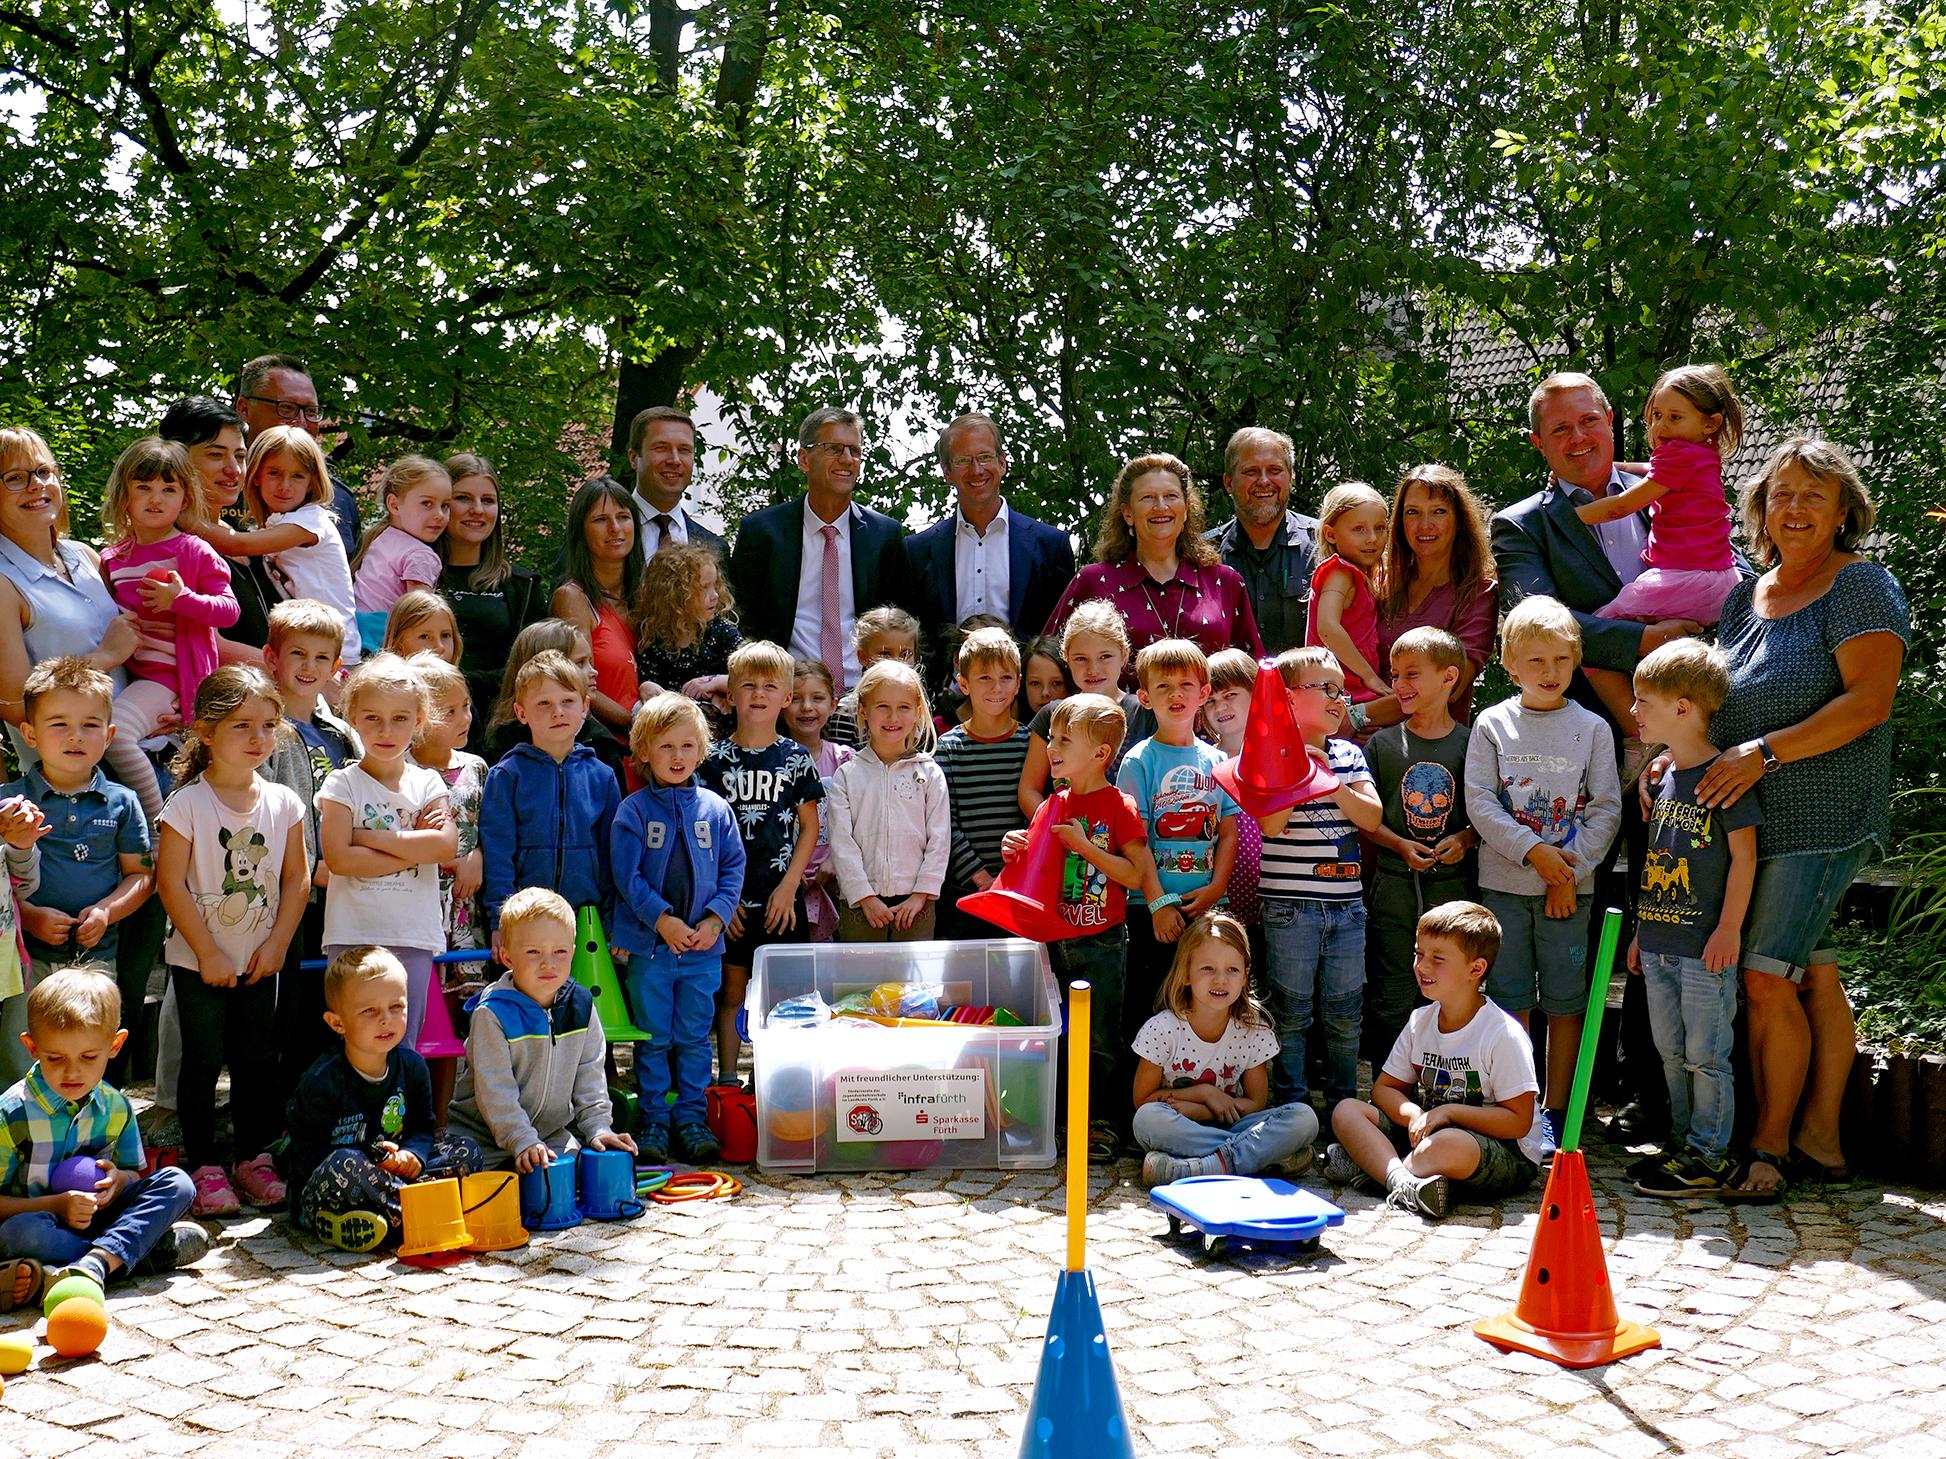 """Um die wichtigsten Grundlagen vermitteln zu können, will der Förderverein mit sogenannten """"Mobilitätskisten"""" den Kindergärten im Landkreis Fürth die entsprechende Ausstattung zur Verfügung stellen."""